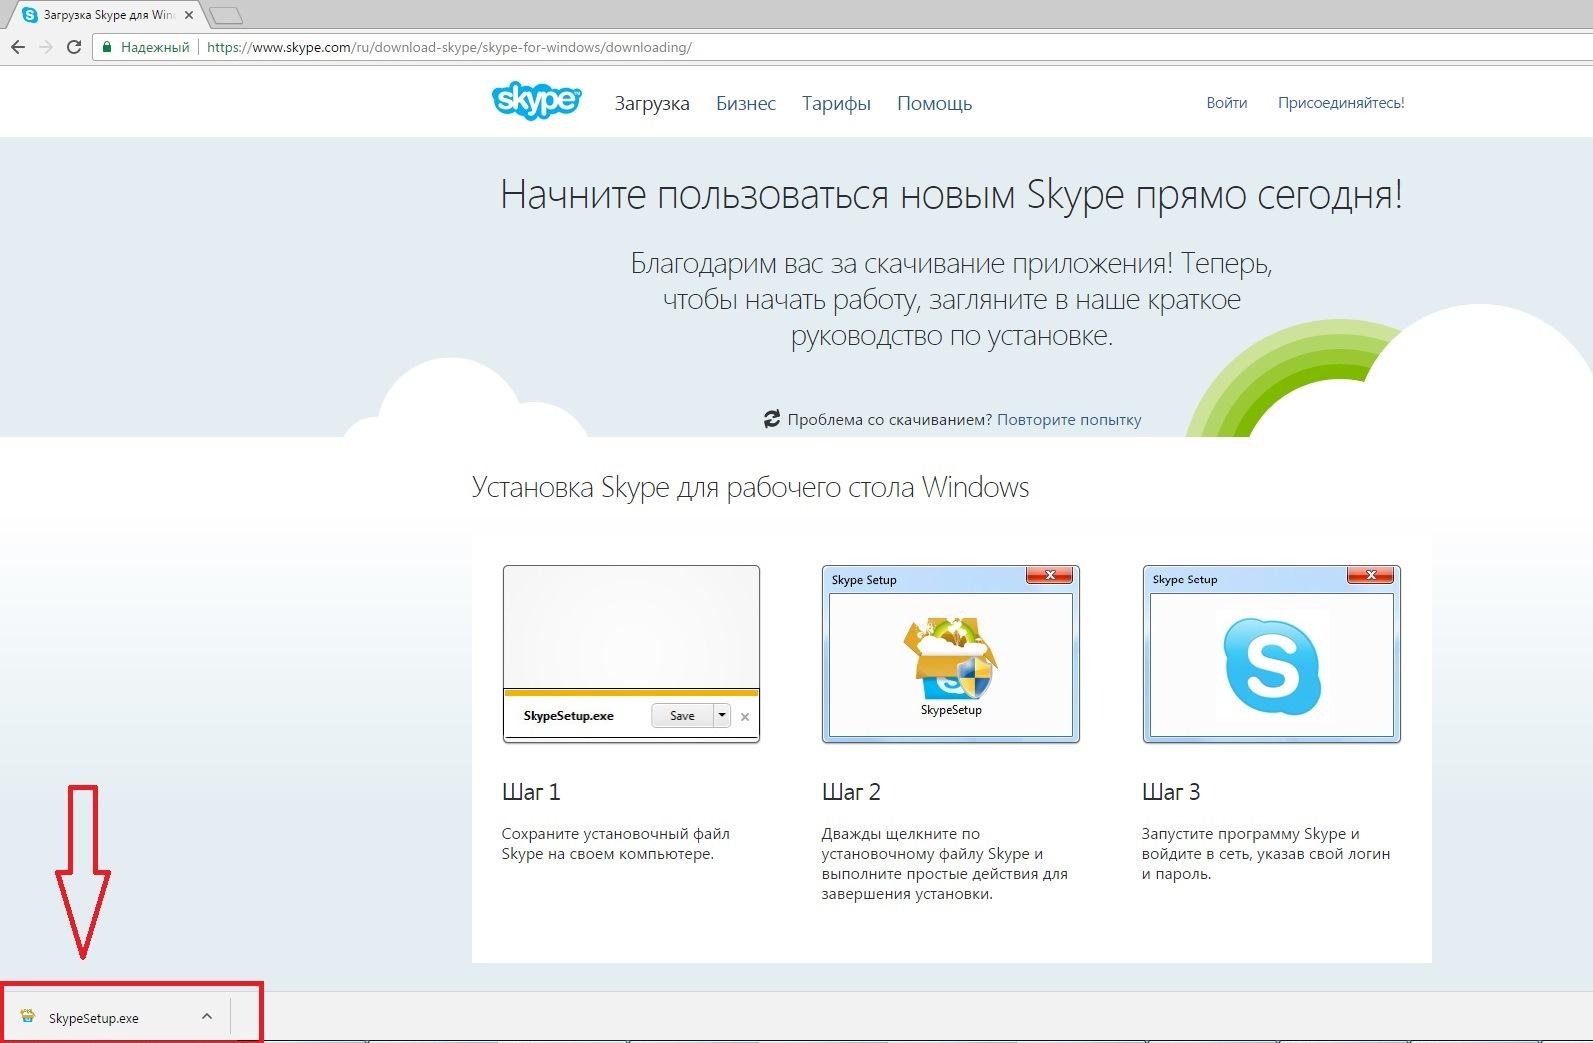 Как сделать новую регистрацию в скайпе